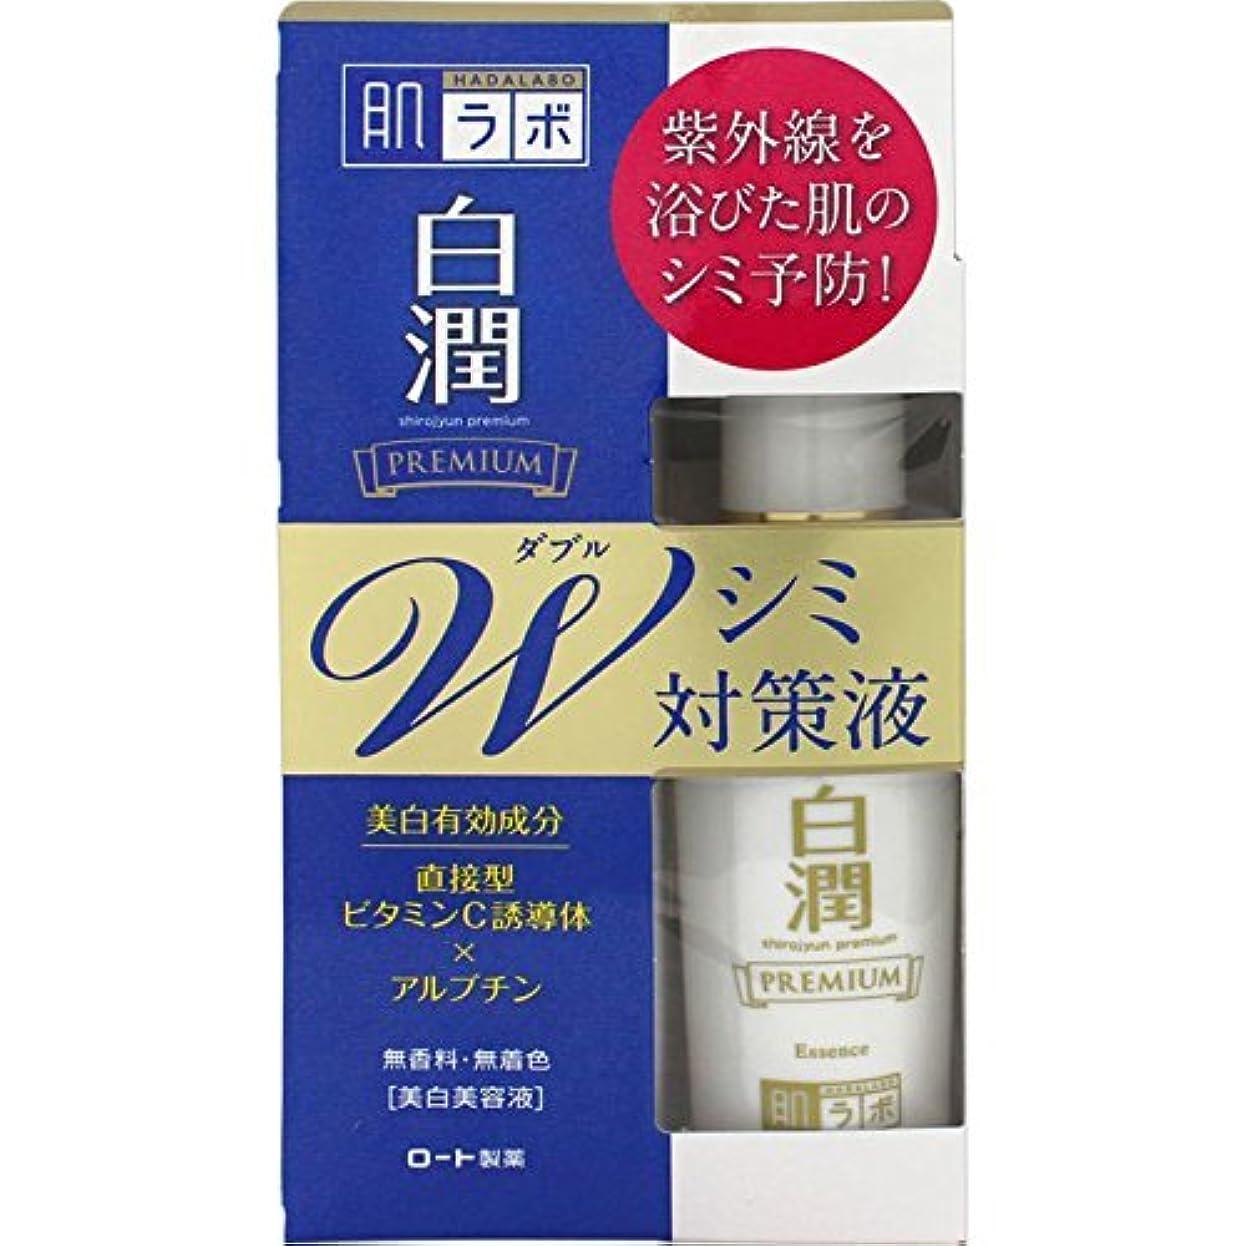 マグありふれたハンバーガー肌ラボ 白潤 プレミアムW美白美容液 40mL (医薬部外品)×8